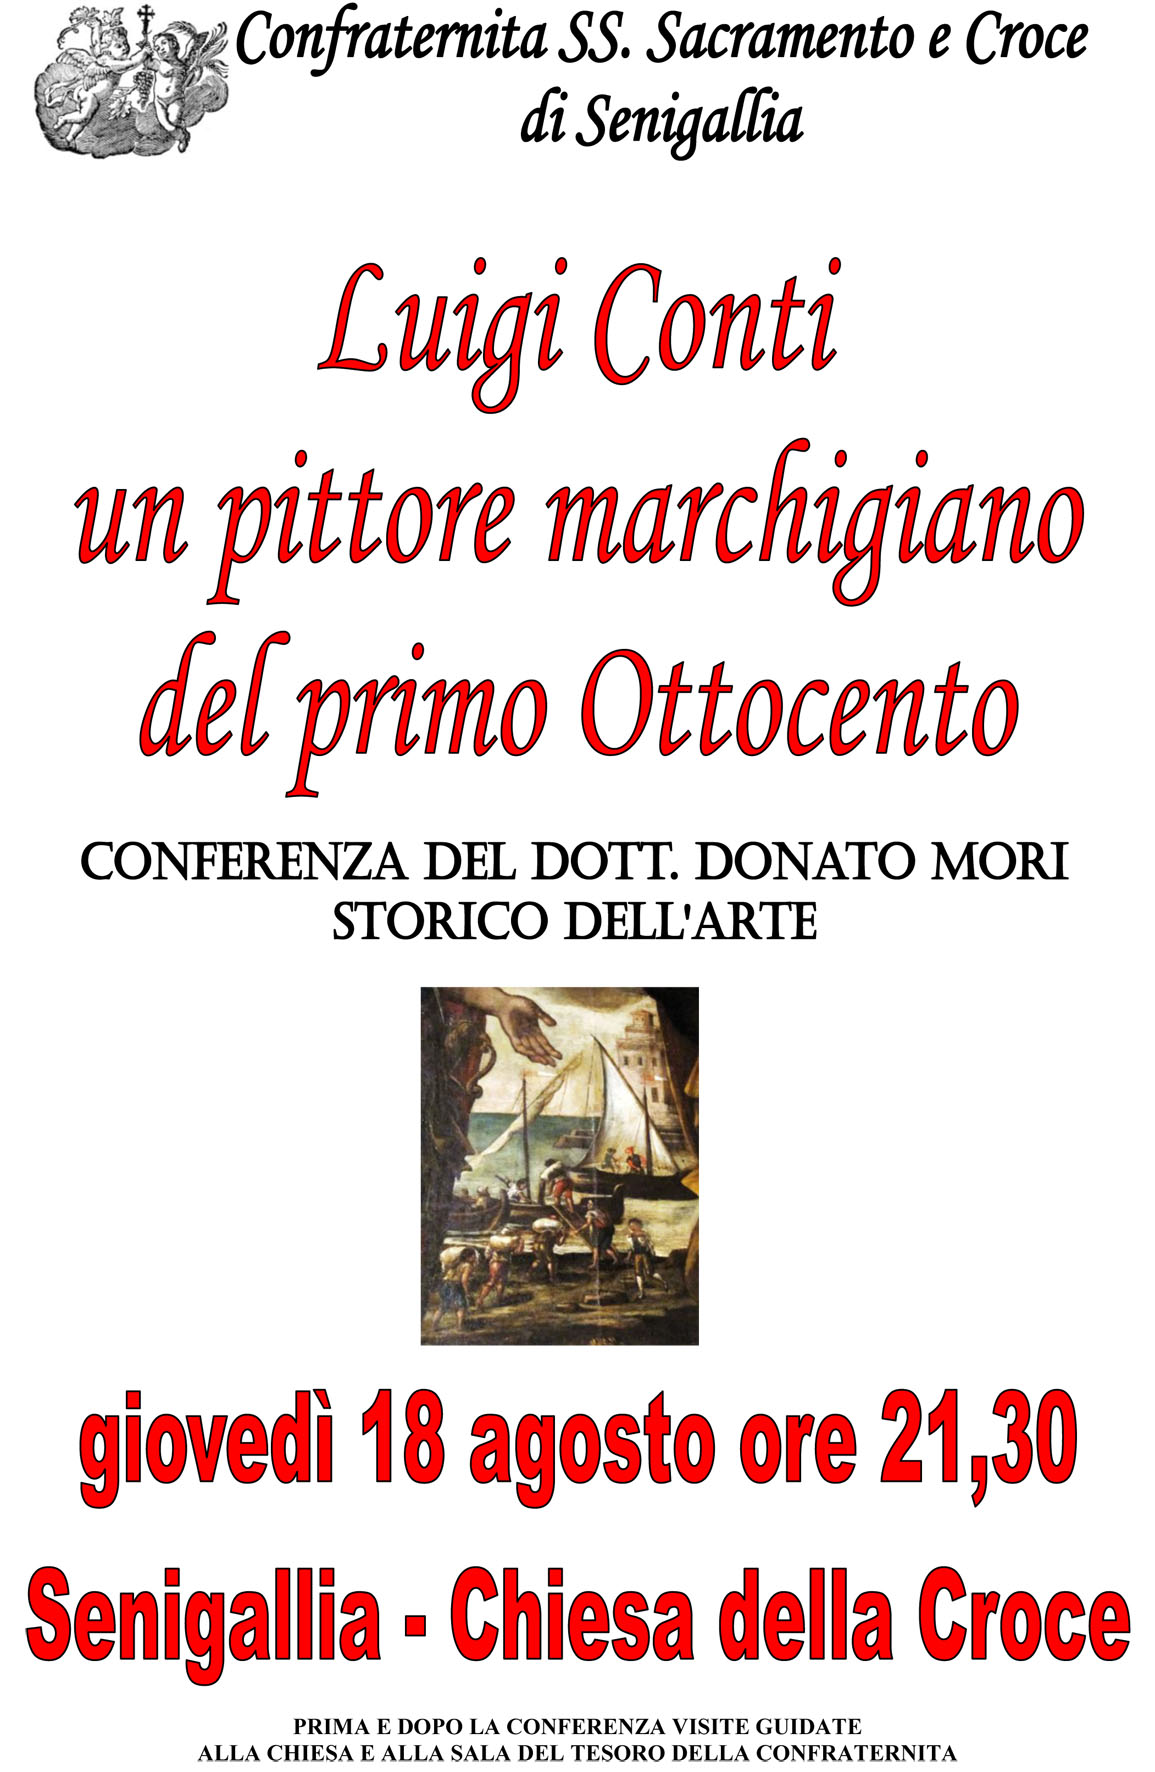 Luigi Conti, un pittore marchigiano del primo Ottocento